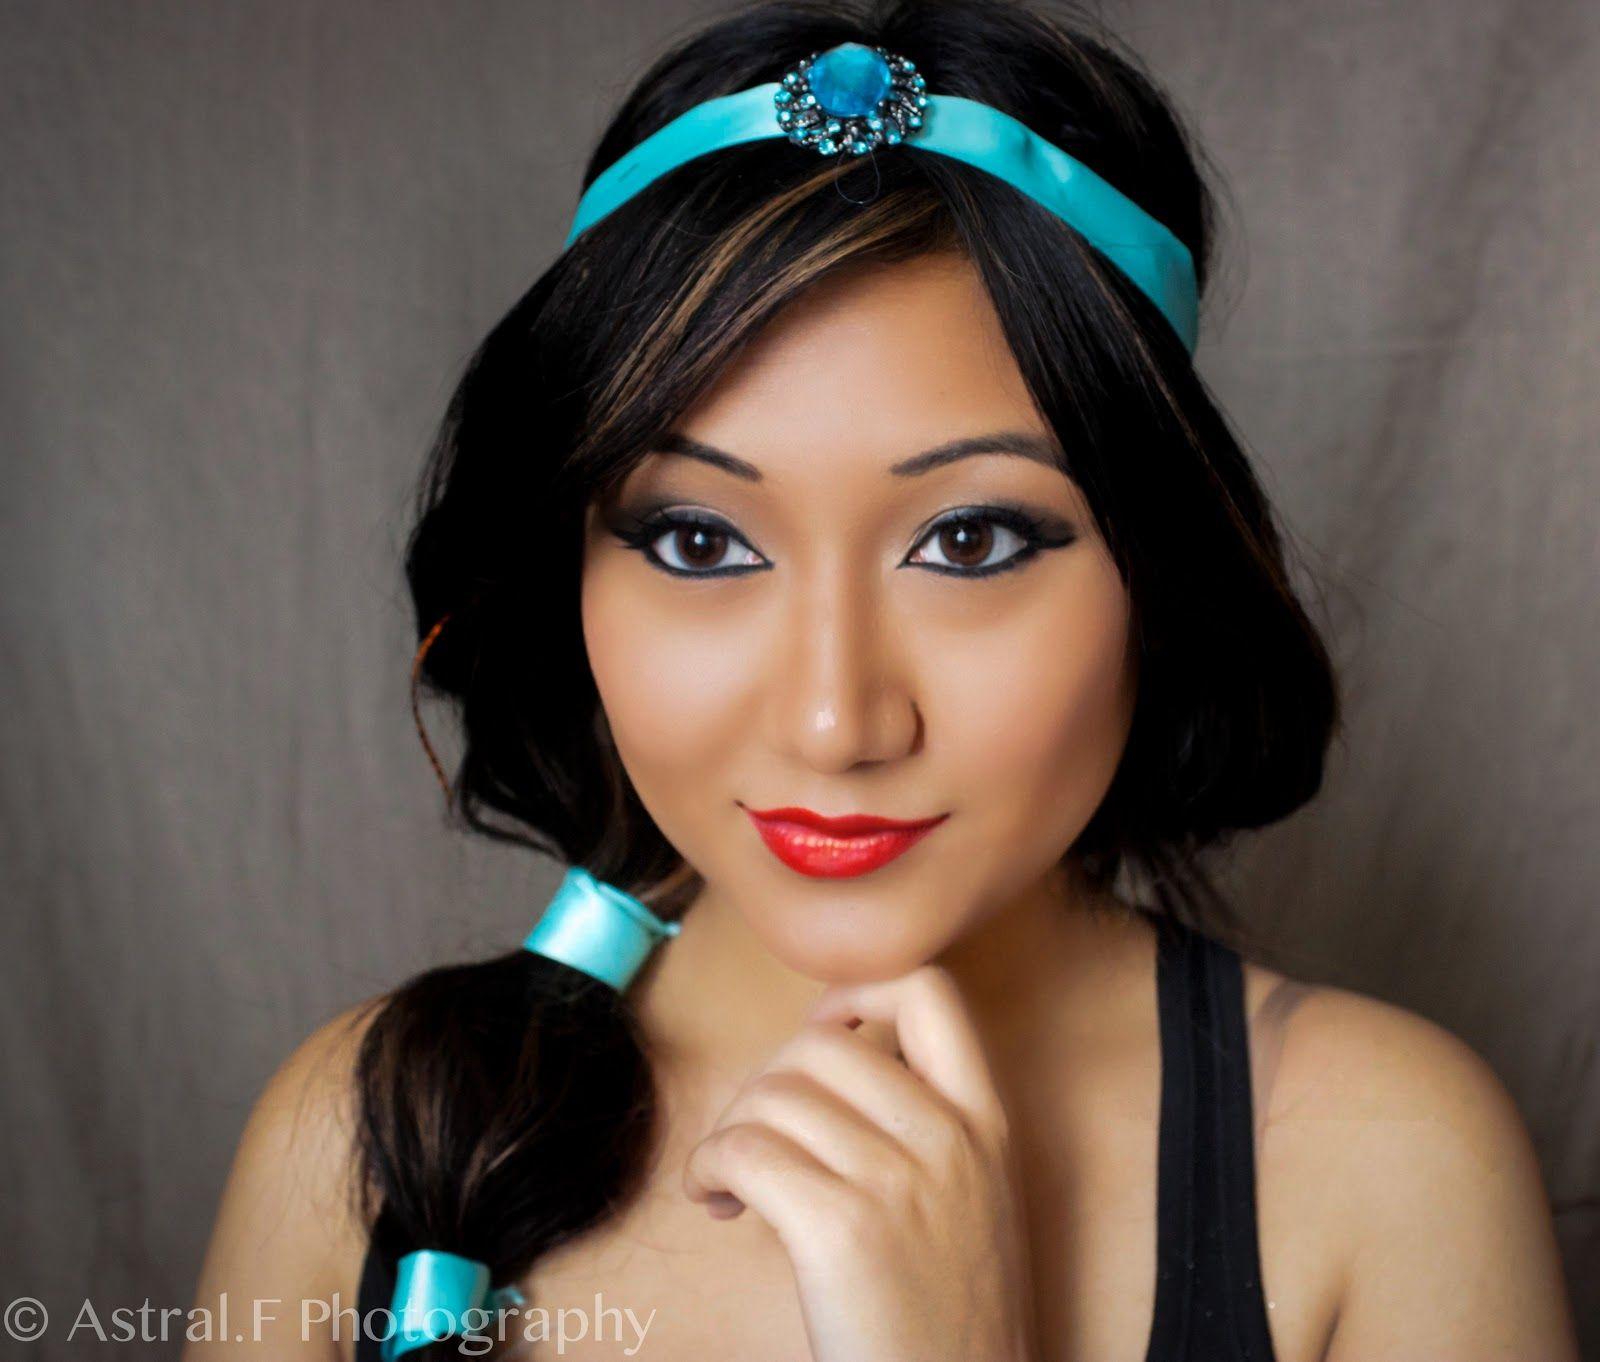 Princess Jasmine Makeup | MakeupManiac: Halloween Princess Jasmine ...